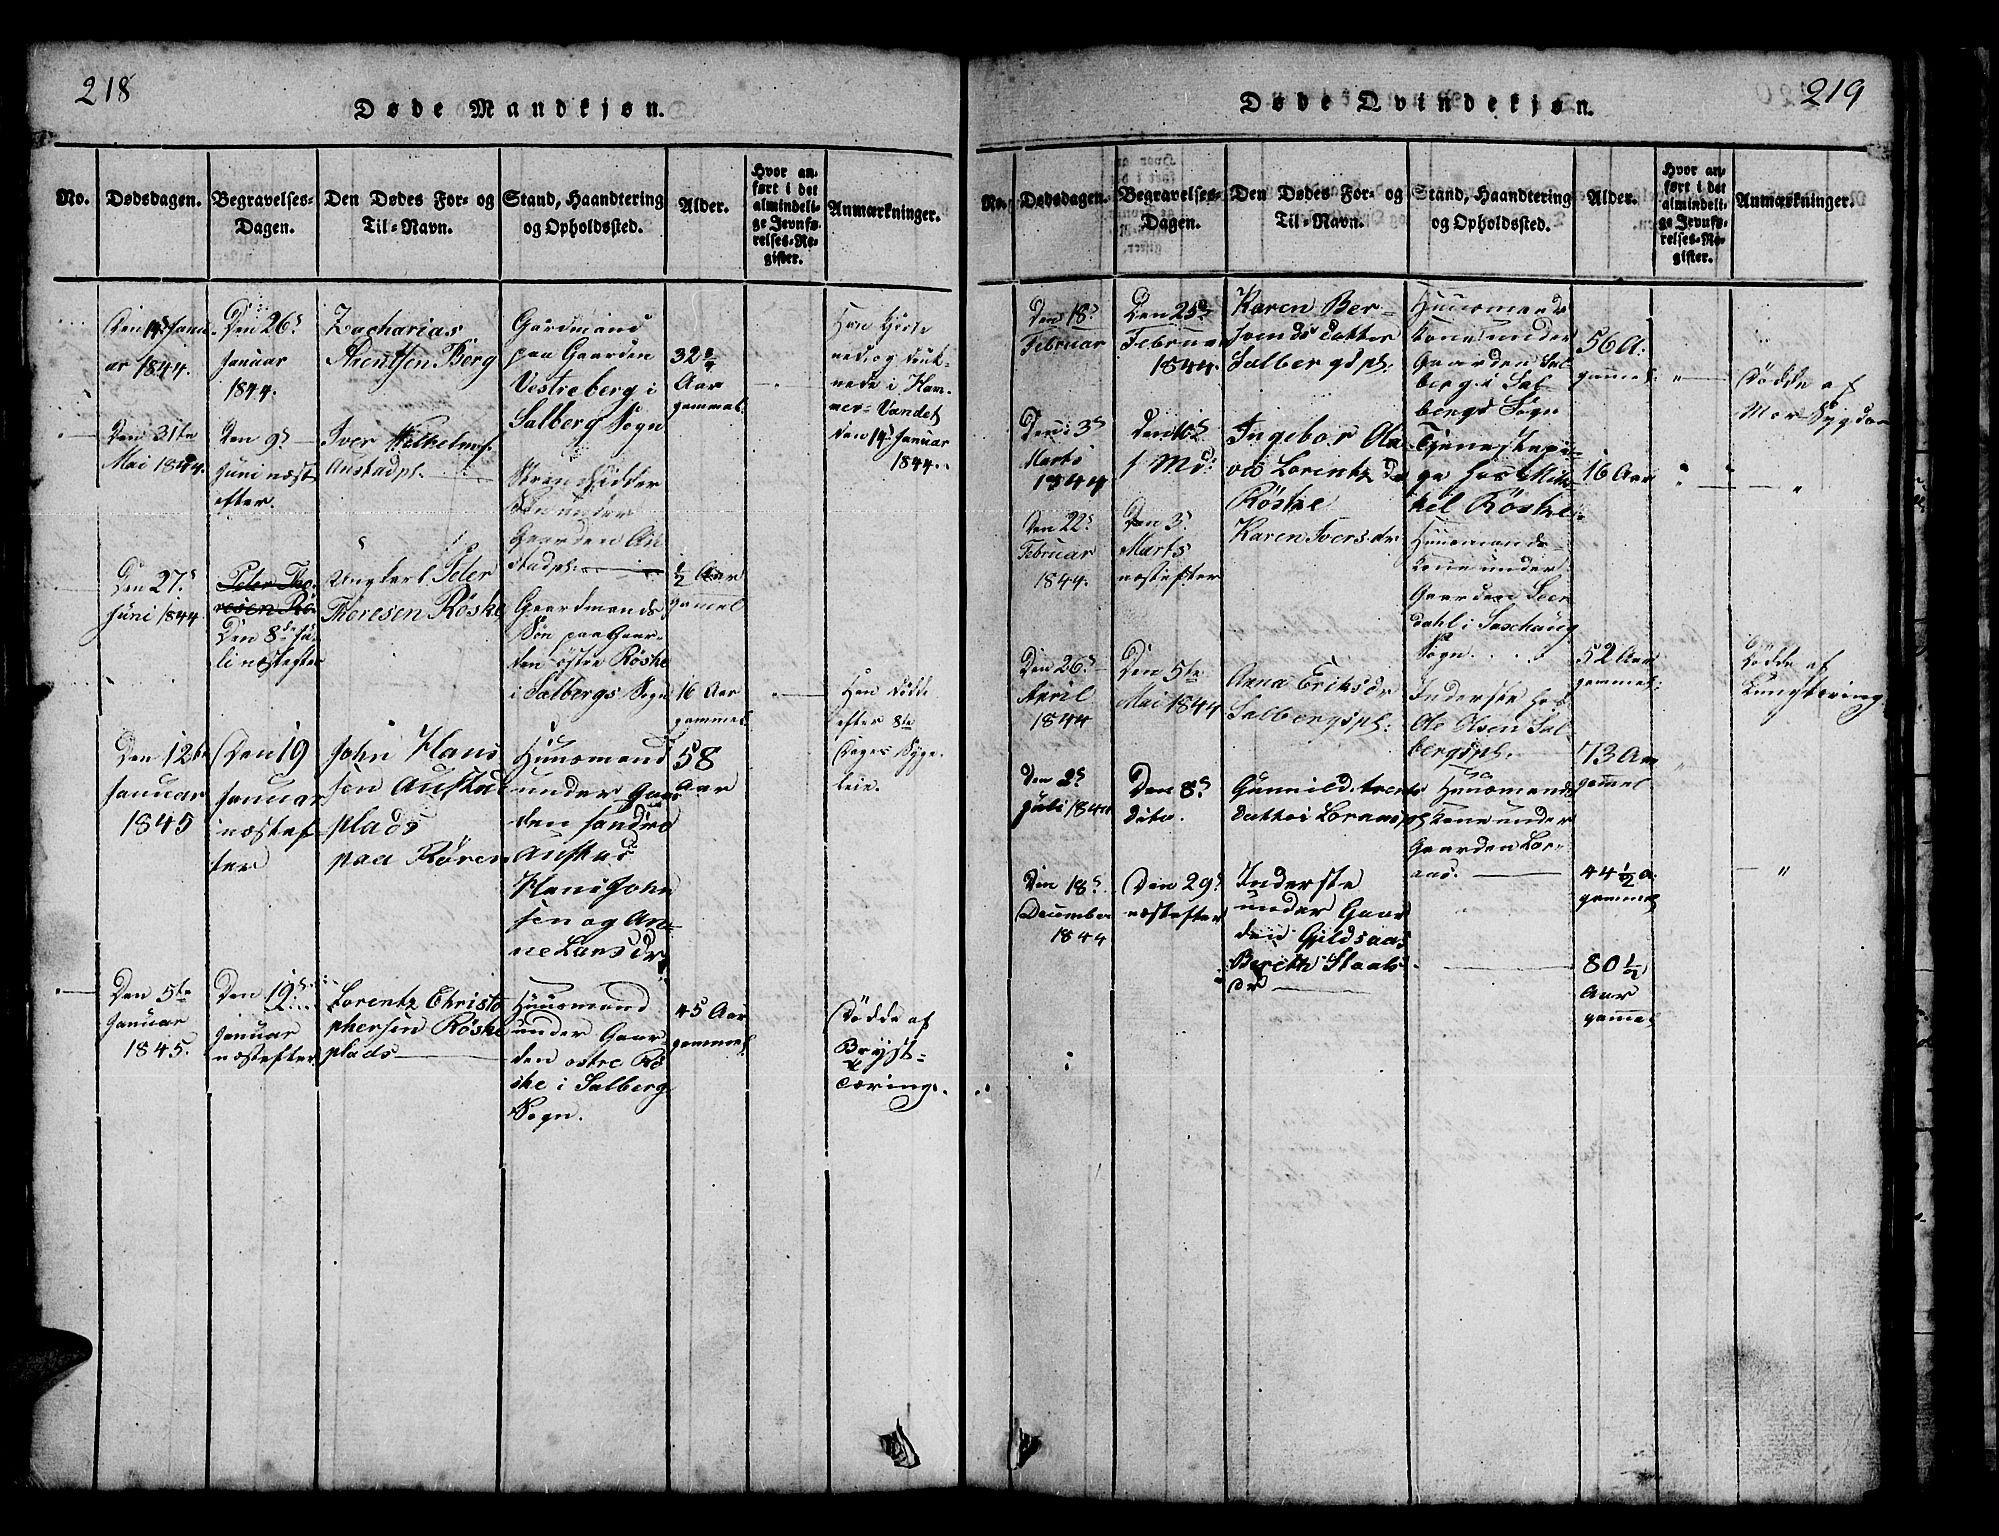 SAT, Ministerialprotokoller, klokkerbøker og fødselsregistre - Nord-Trøndelag, 731/L0310: Klokkerbok nr. 731C01, 1816-1874, s. 218-219